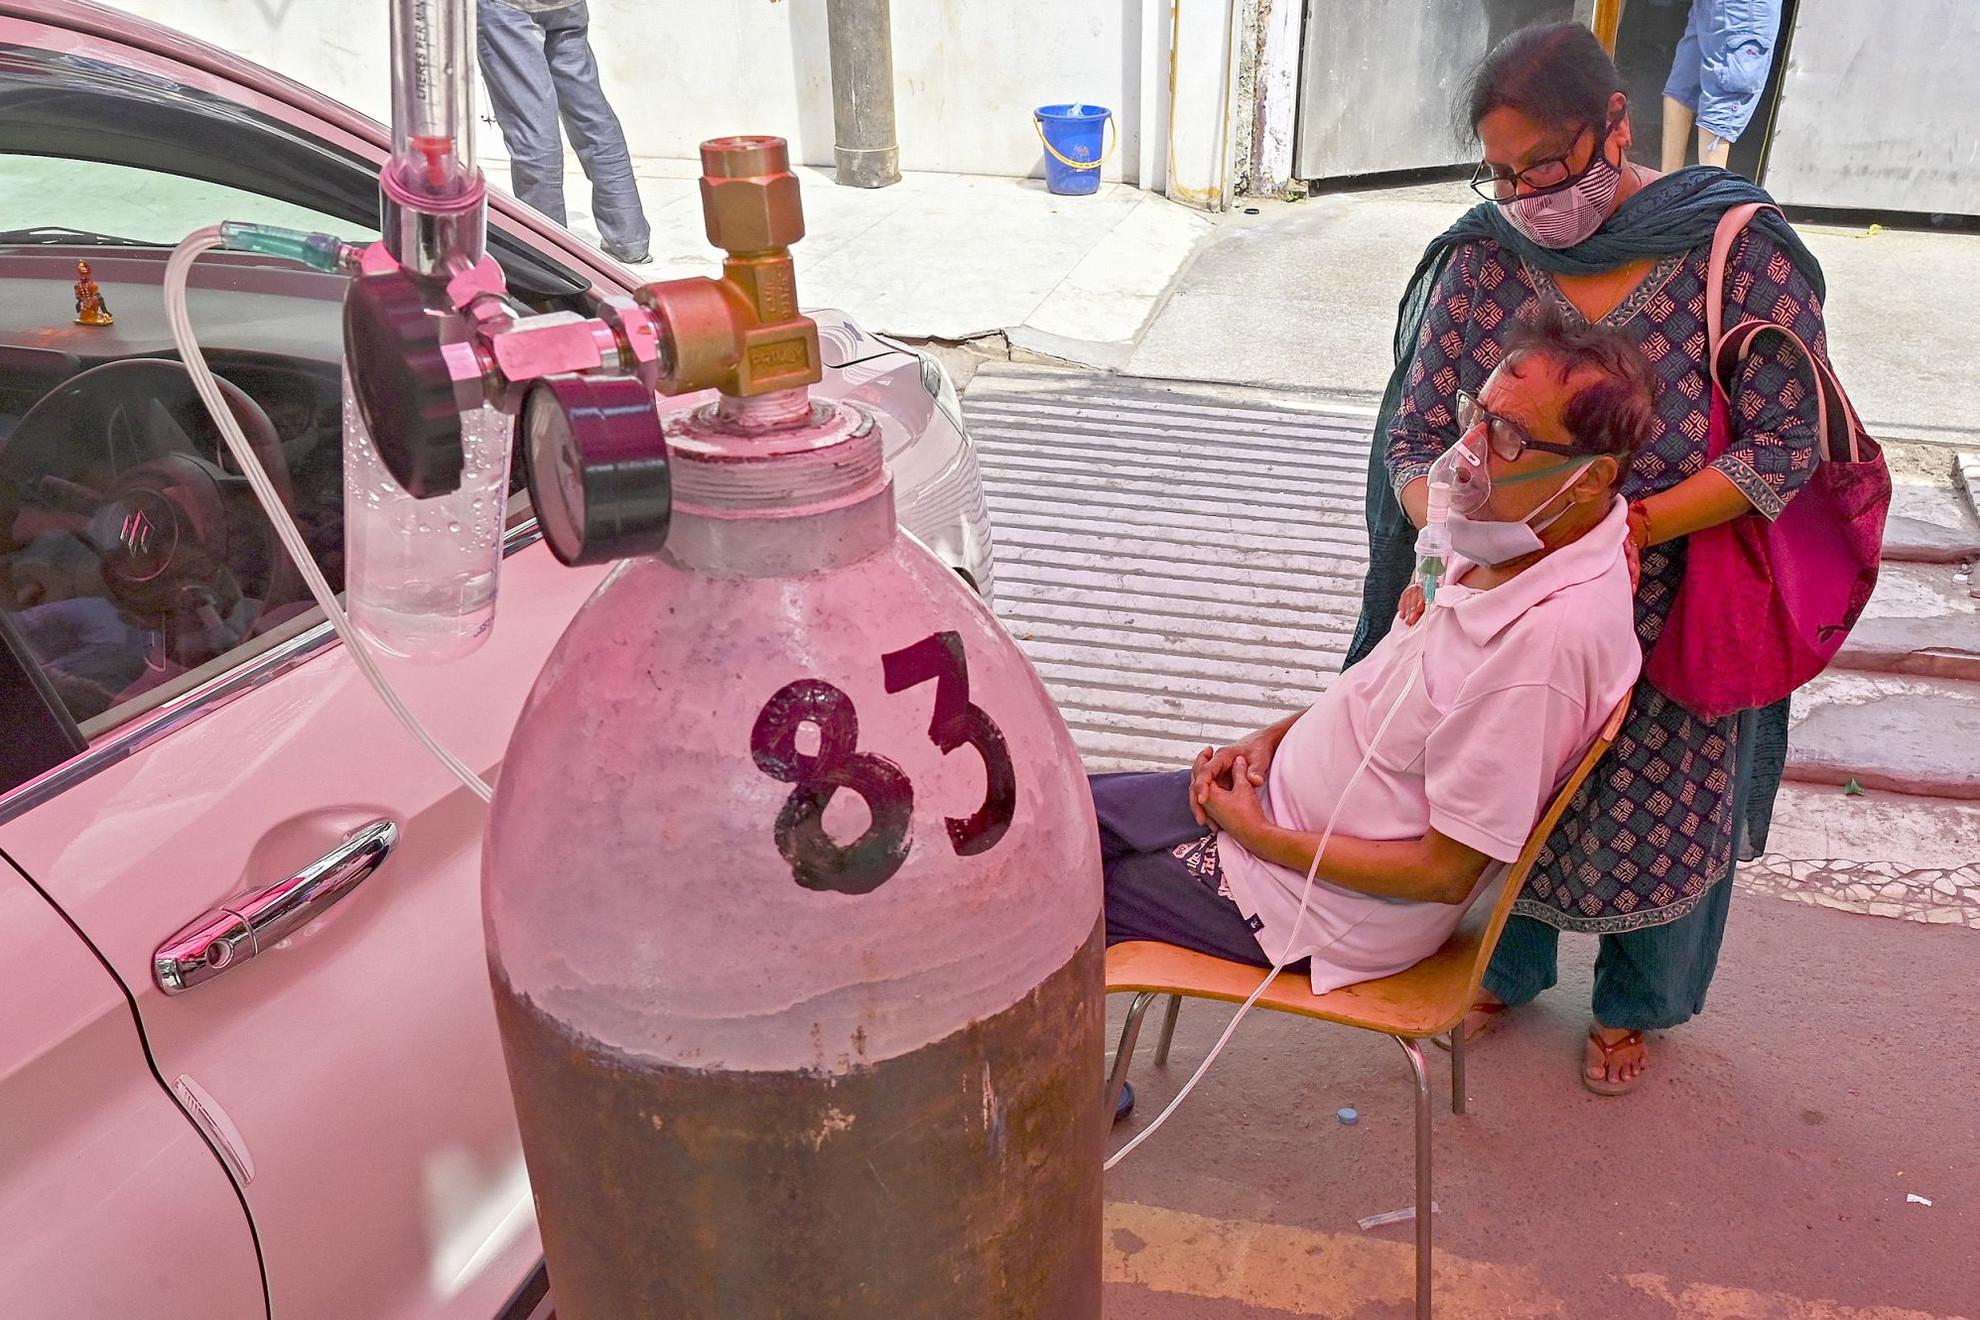 Még súlyos betegségében is szerencsésnek tarthatja magát ez az indiai férfi, aki be tudott szerezni egyet a hiánycikknek számító oxigénpalackból